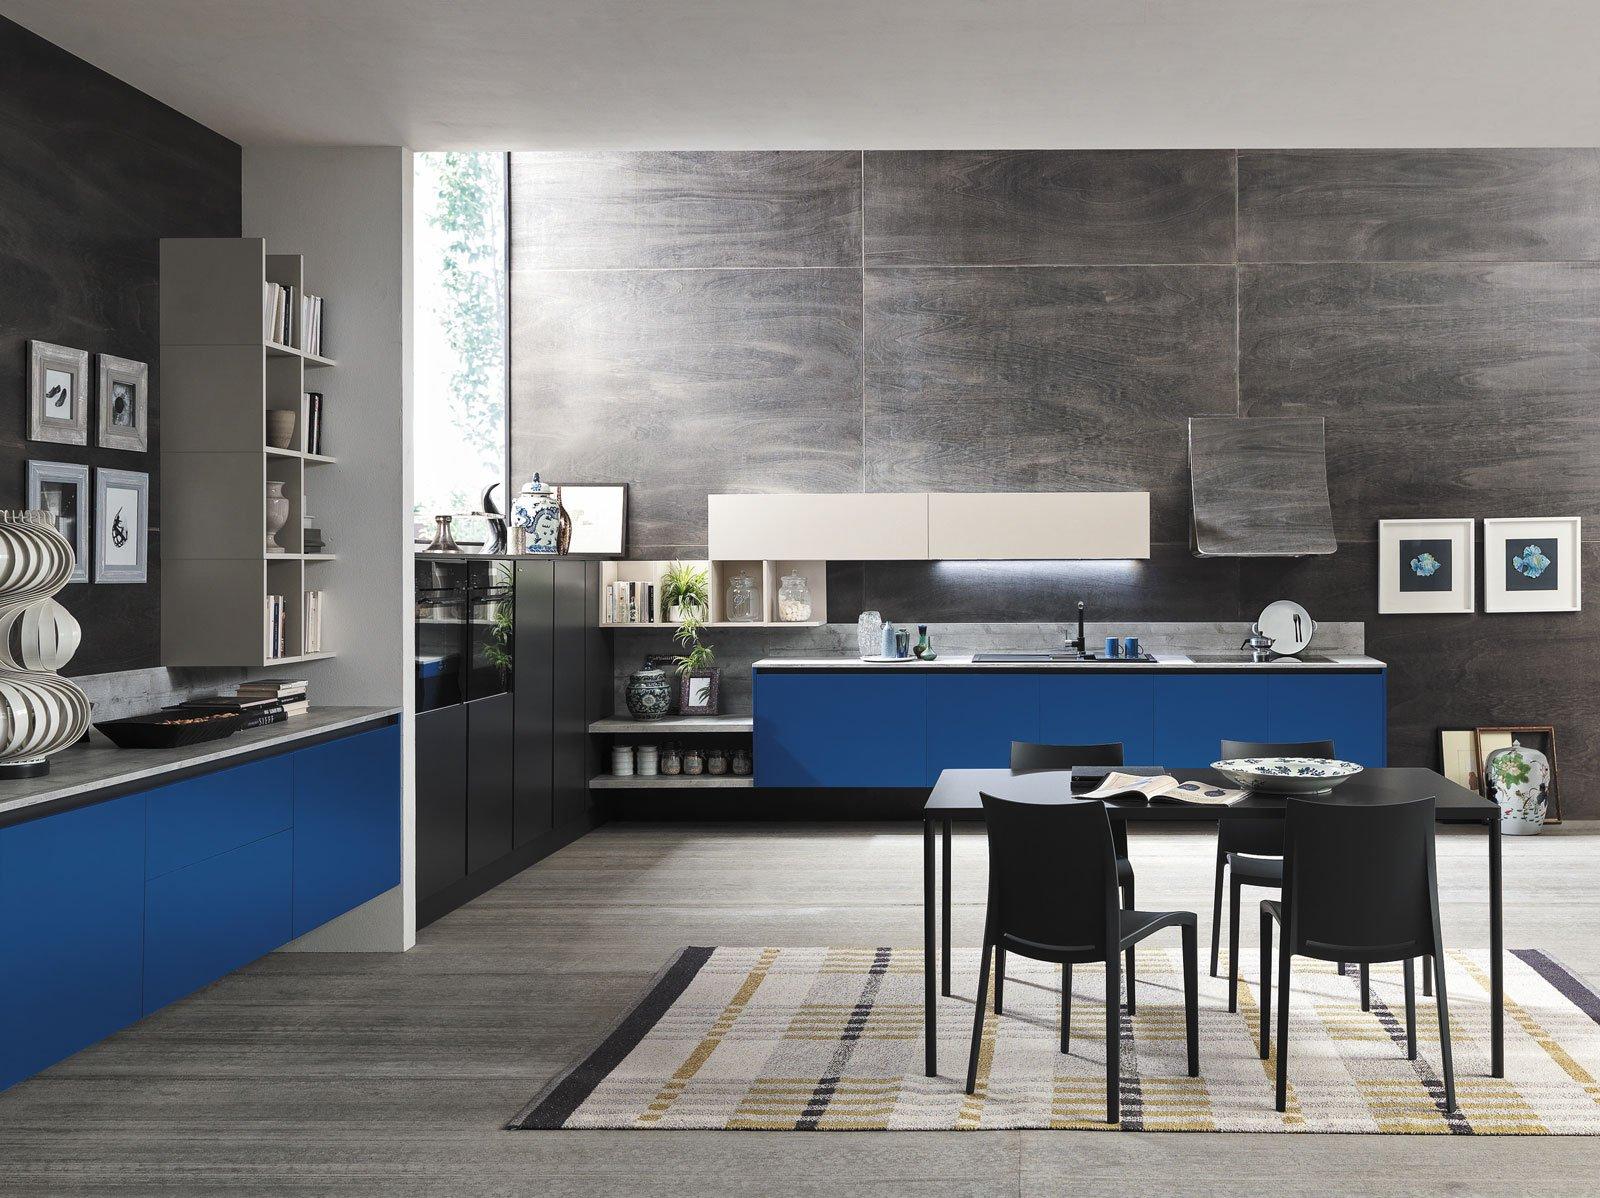 Cucine bicolore l 39 alternanza cromatica fa tendenza cose - Cucine con soggiorno ...